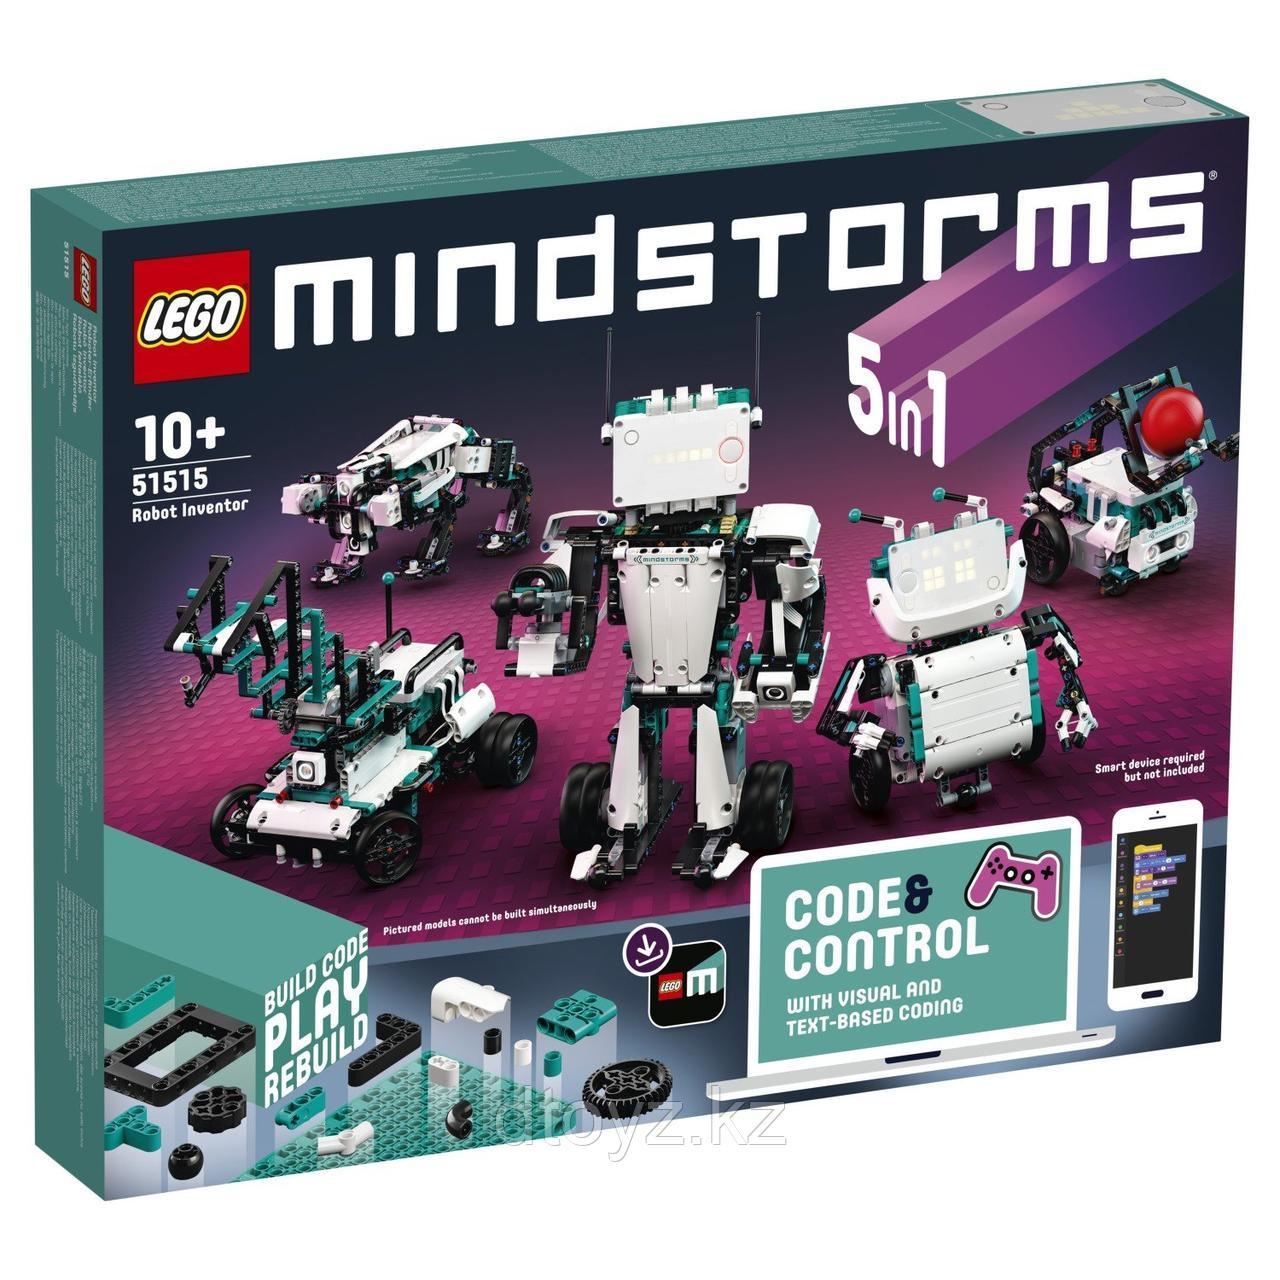 LEGO MINDSTORMS EV3 Робот-изобретатель 51515